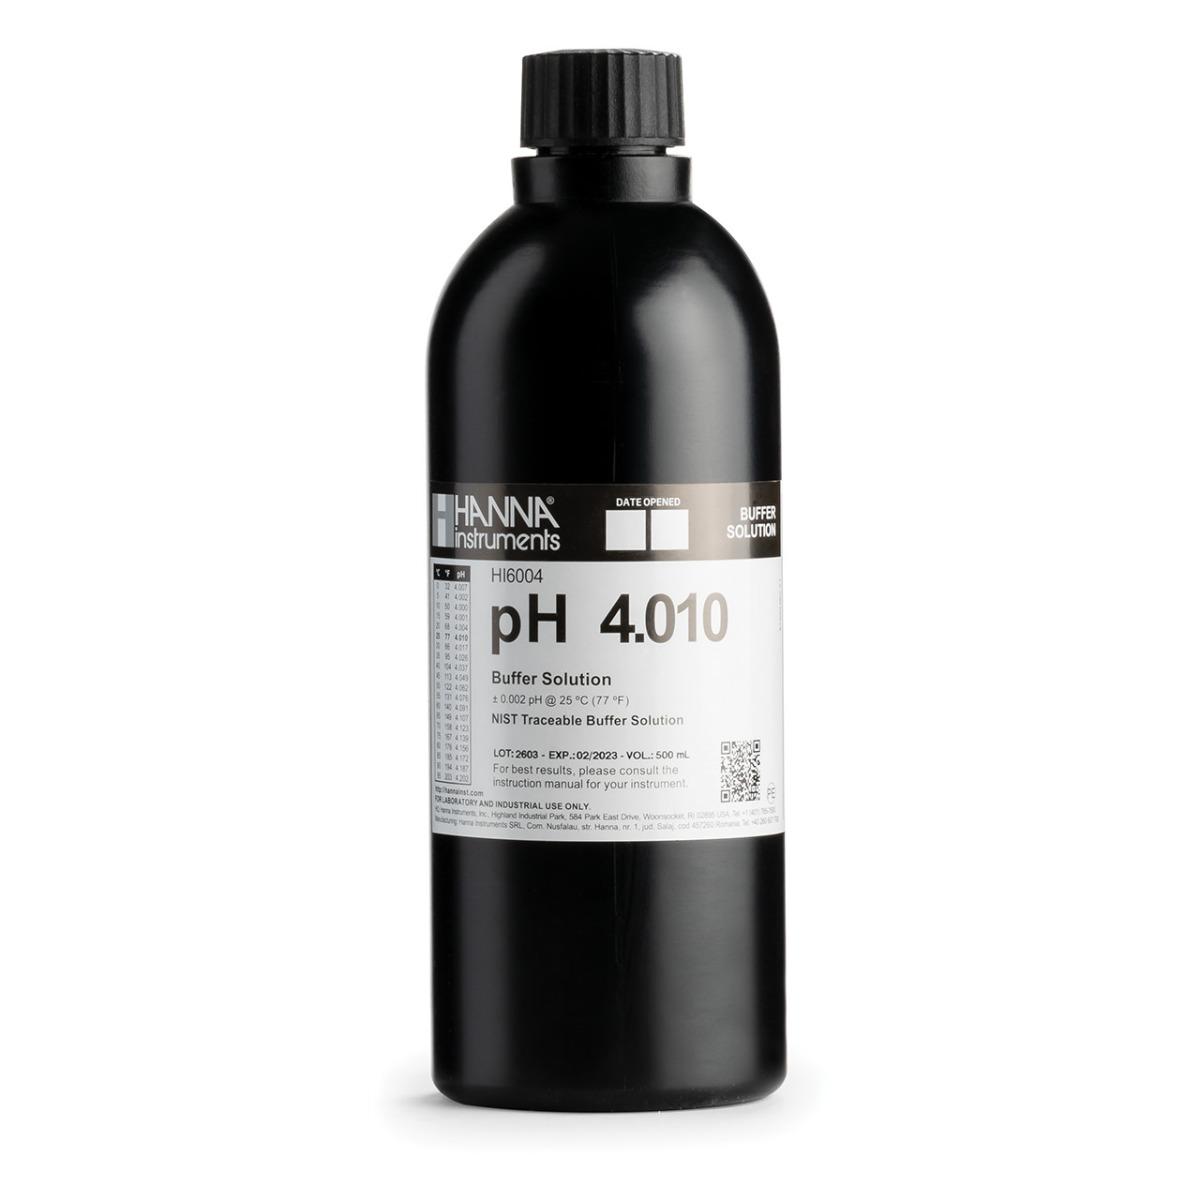 HI6004 pH 4.010 Millesimal Calibration Buffer (500 mL)